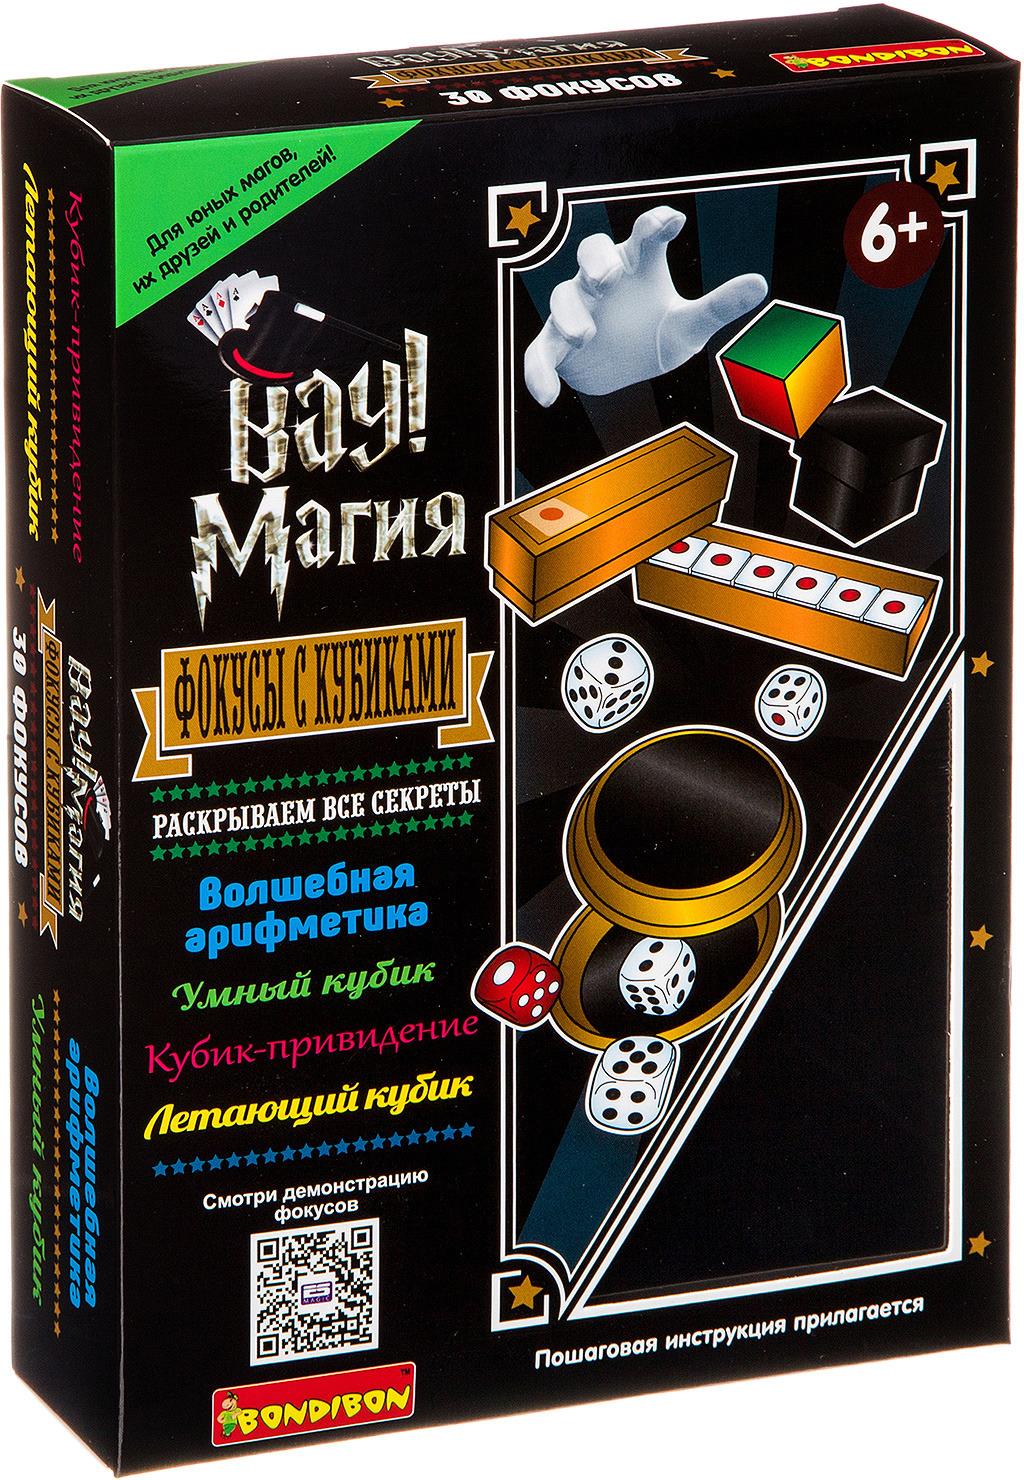 Набор фокусов Bondibon Фокусы с кубиками знаток зеленый набор магия фокусов с амаяком акопяном с видеокурсом